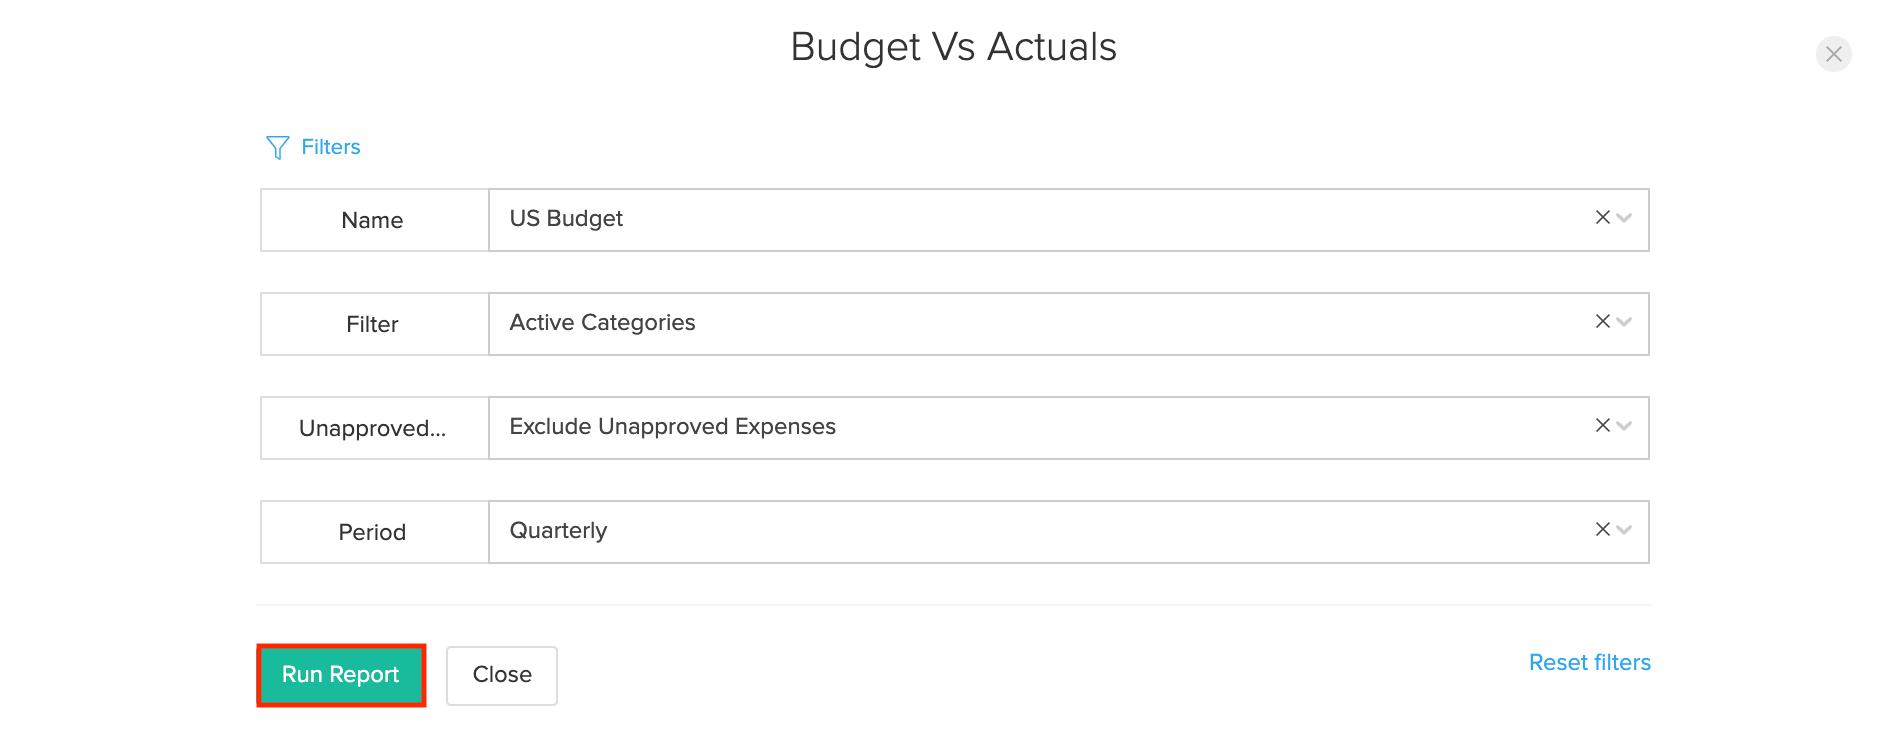 Budgetvs Actuals Report